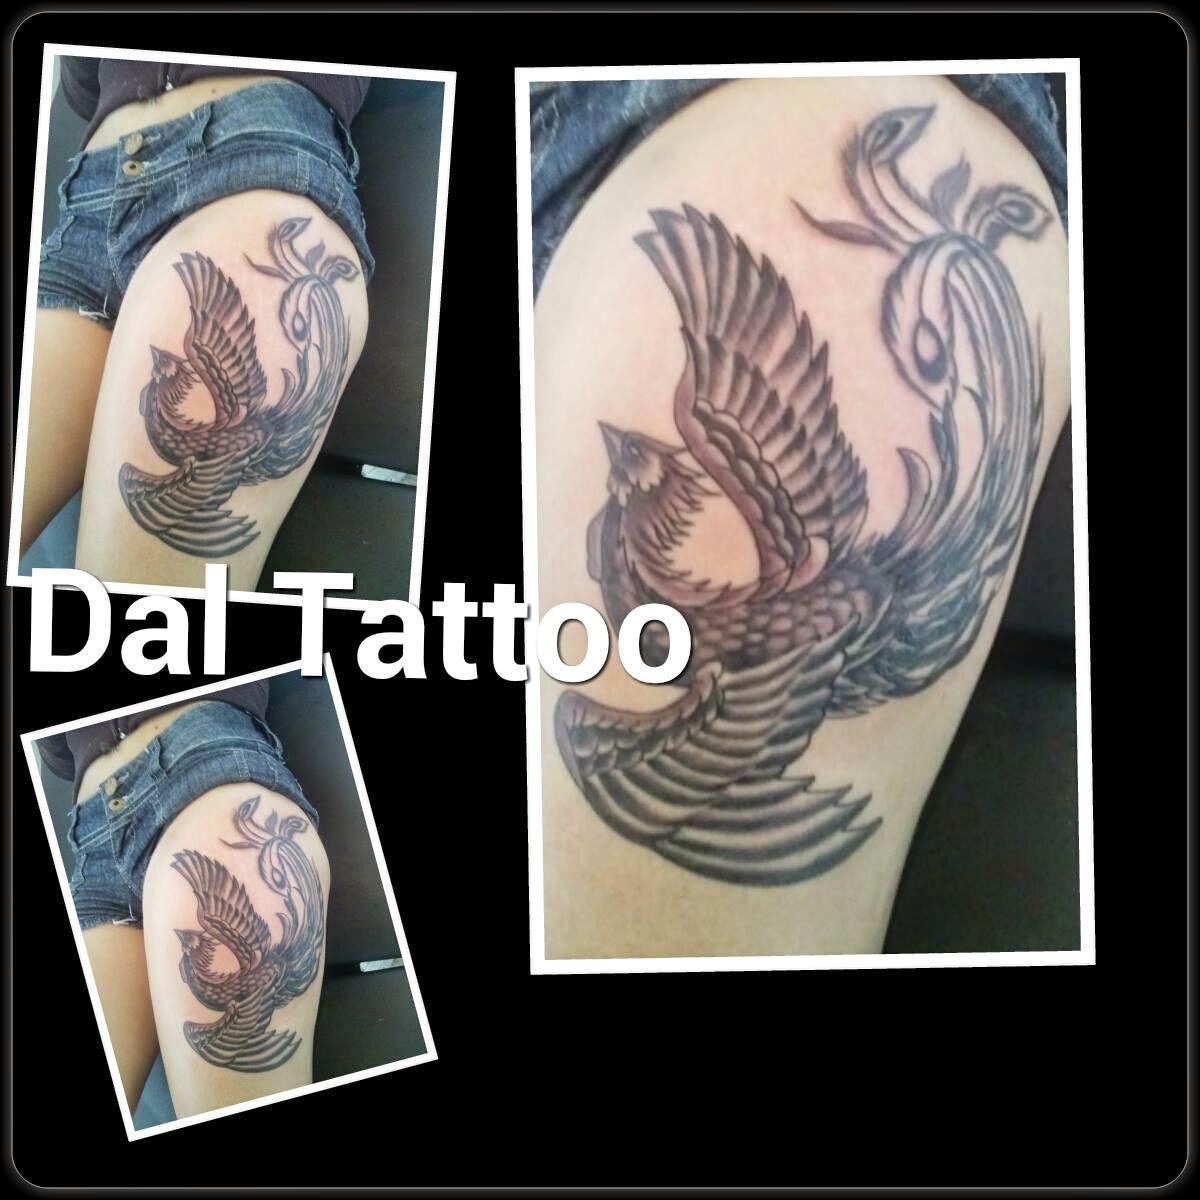 Preferência Dal Tattoo Studio: Tattoo feminina,tatuagem fenix ,tattoocoxa  IJ28